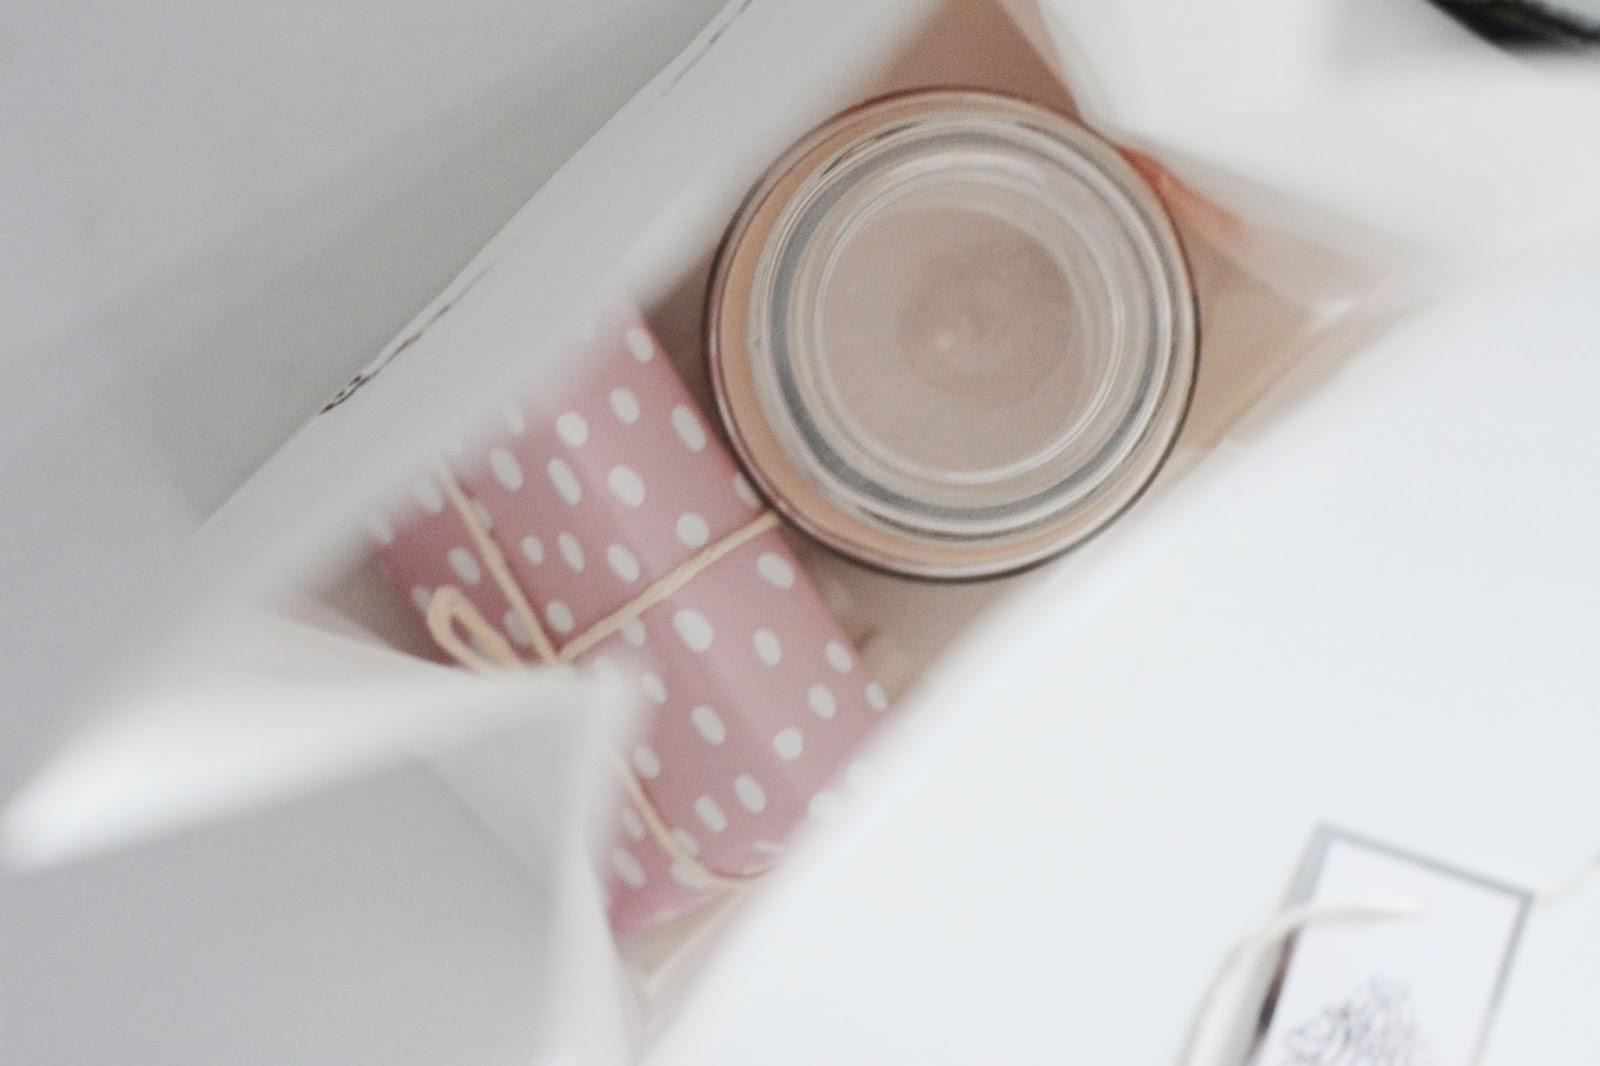 papier do prezentów pastelowy w kropki, świeczka, torebka ikea